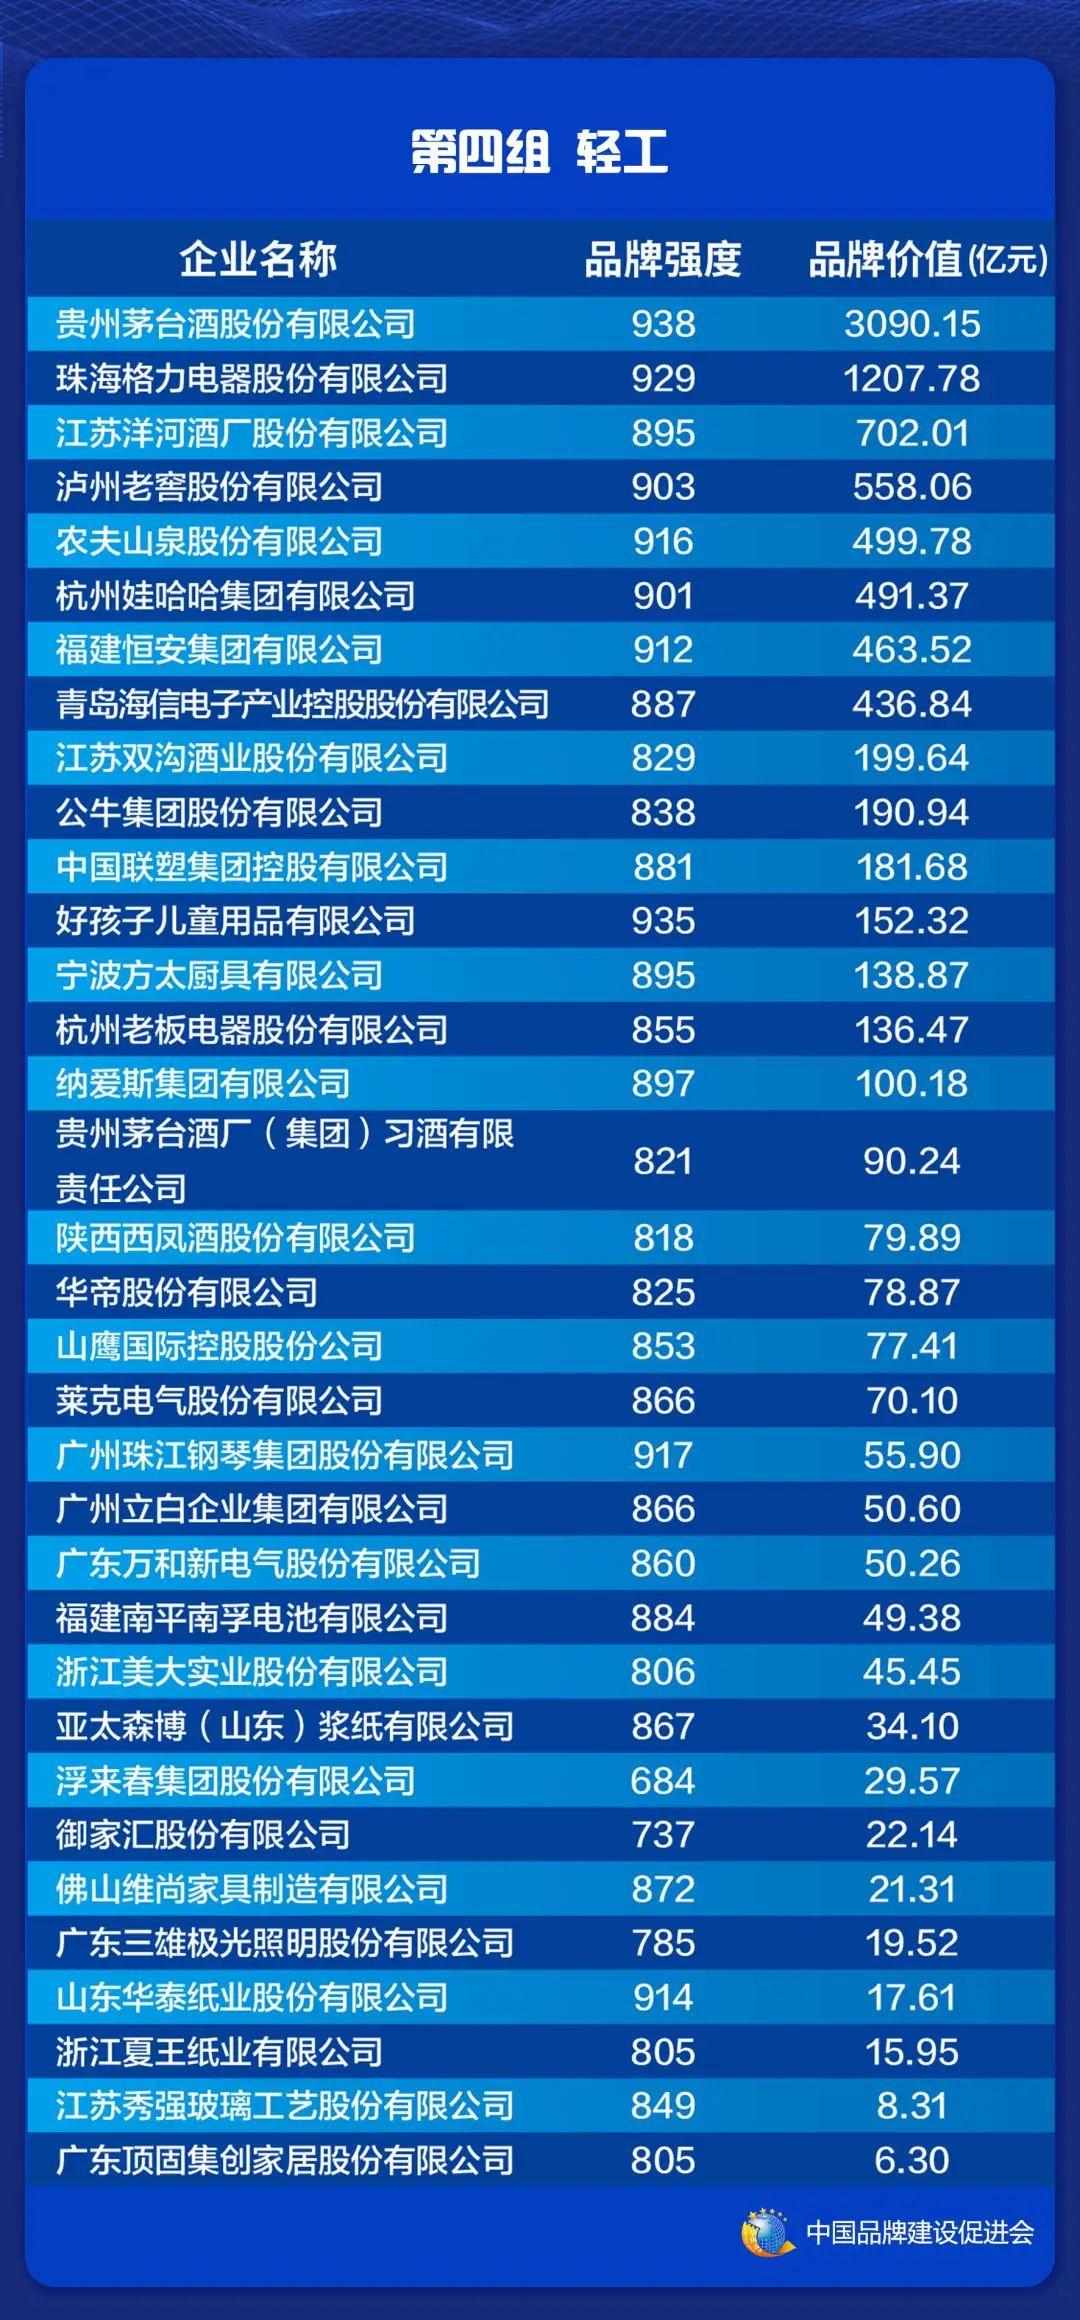 2021中国品牌价值评价信息在上海发布(图6)